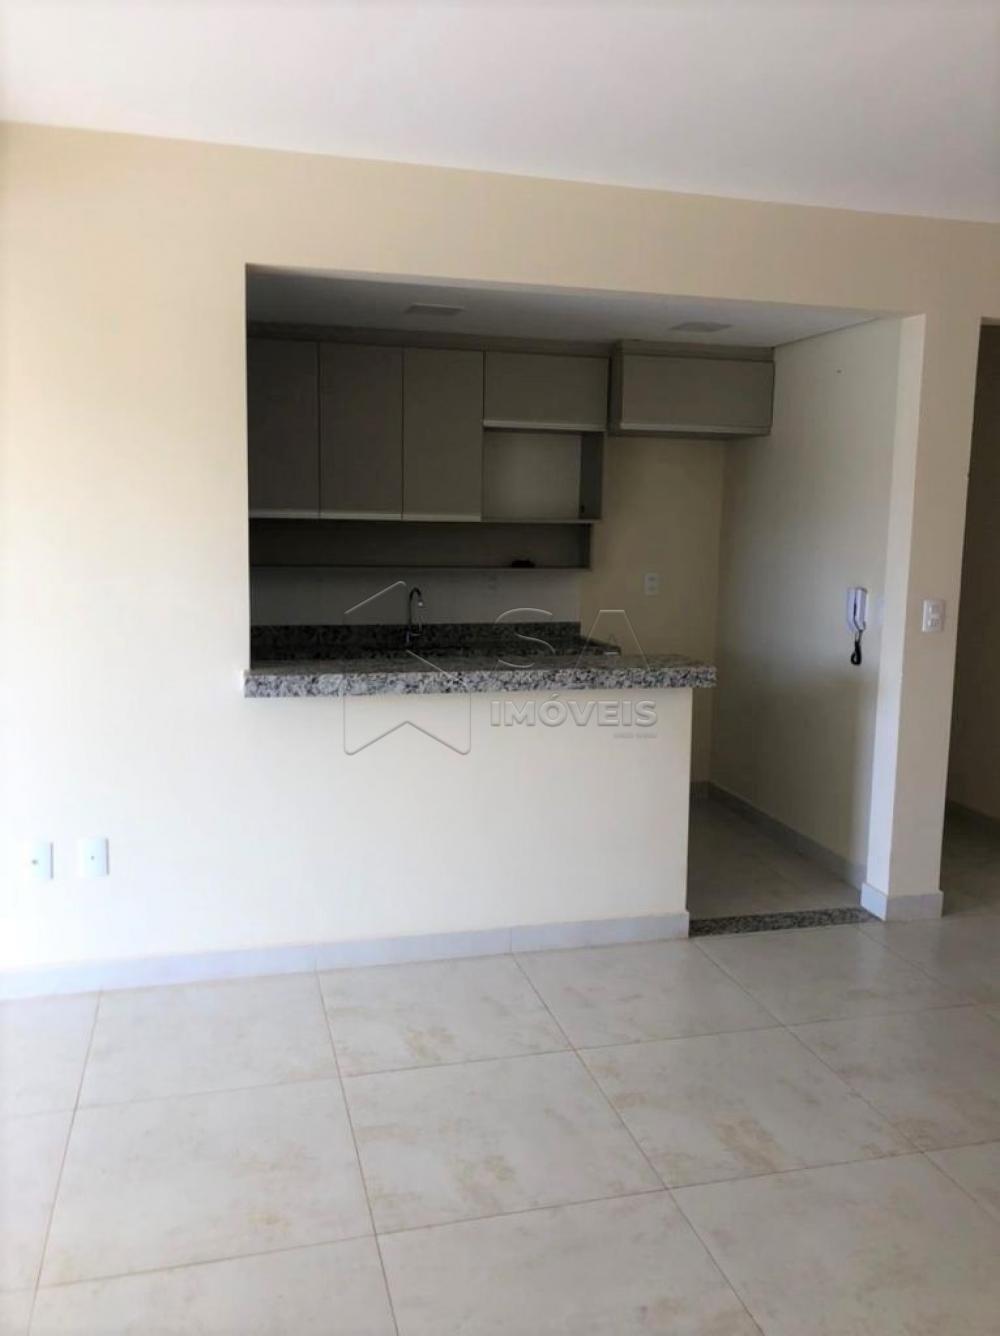 Comprar Apartamento / Padrão em Botucatu R$ 560.000,00 - Foto 4